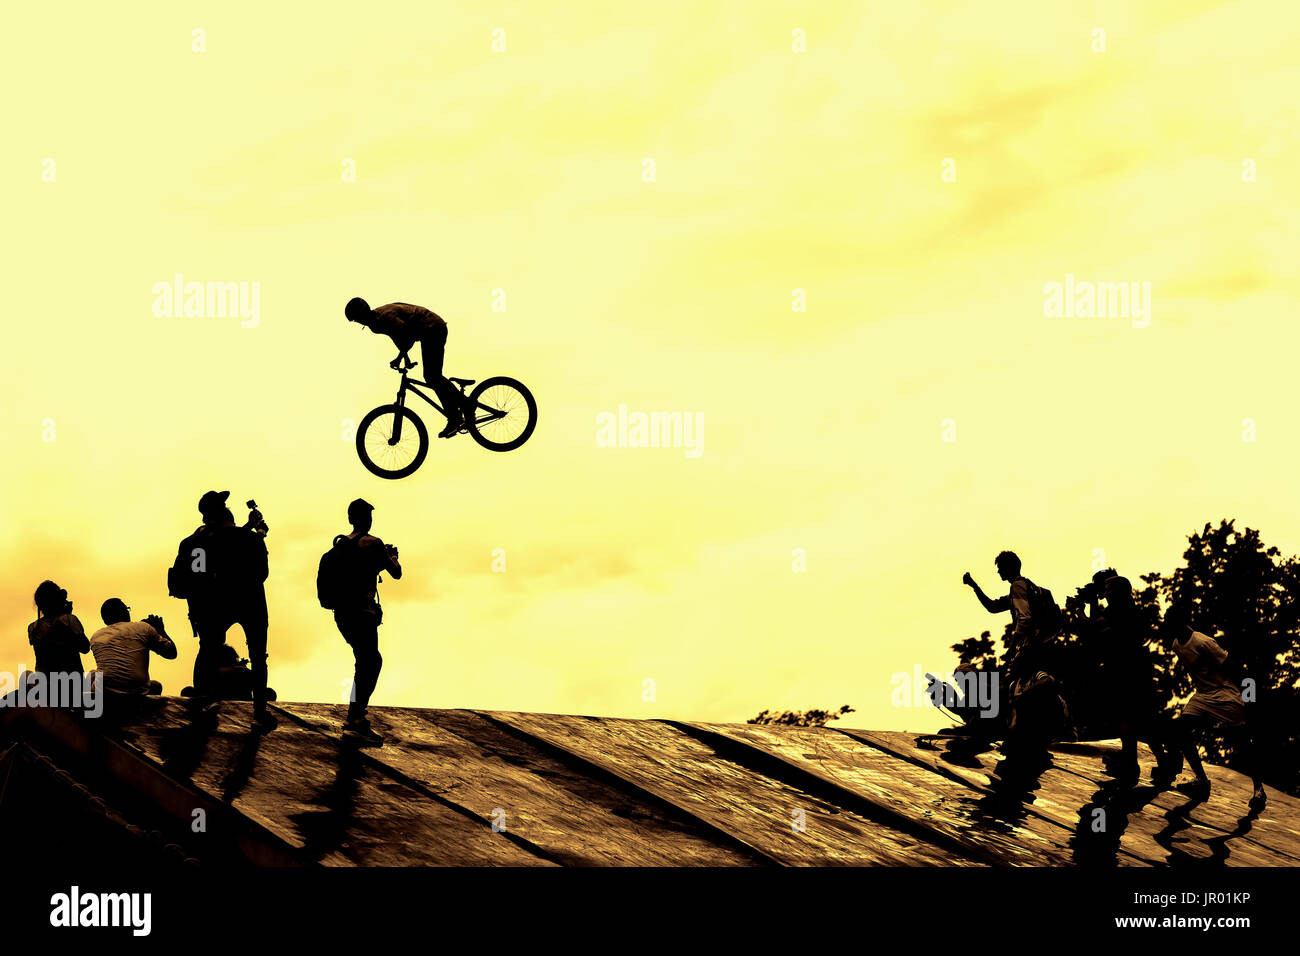 Extrem Sport e rischio. Prestazioni a concorsi. Silhouette di giovani non identificato uomo compie acrobazie su sfondo di colore giallo vivace sky. Immagini Stock